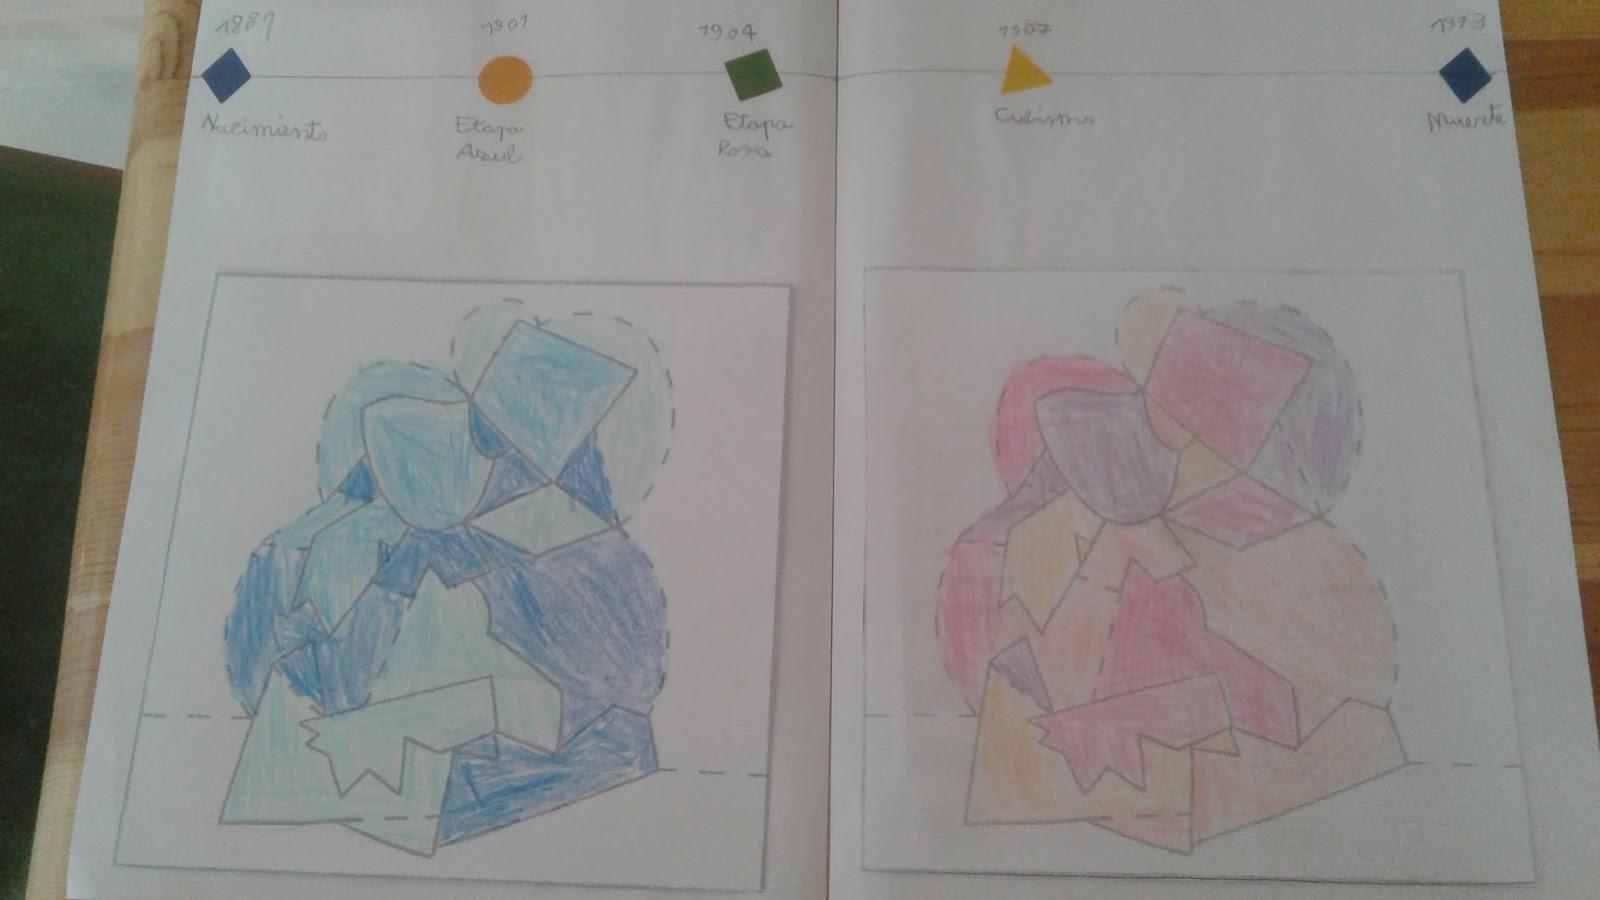 Los viernes no hay clase: Lapbook de Picasso